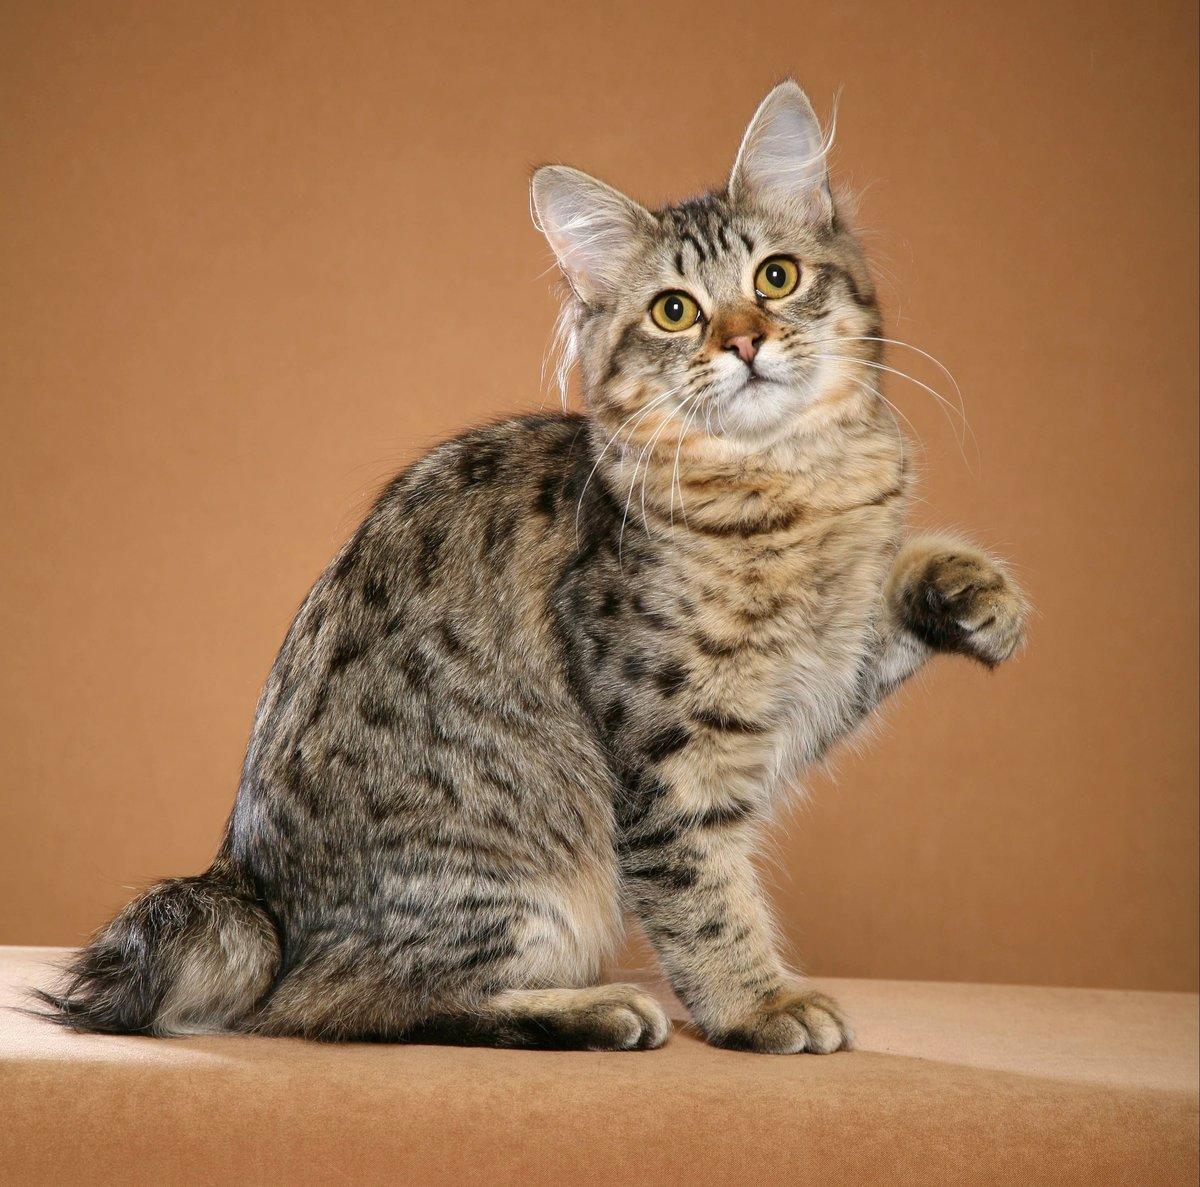 Дарине открытки, кошки фото картинки название